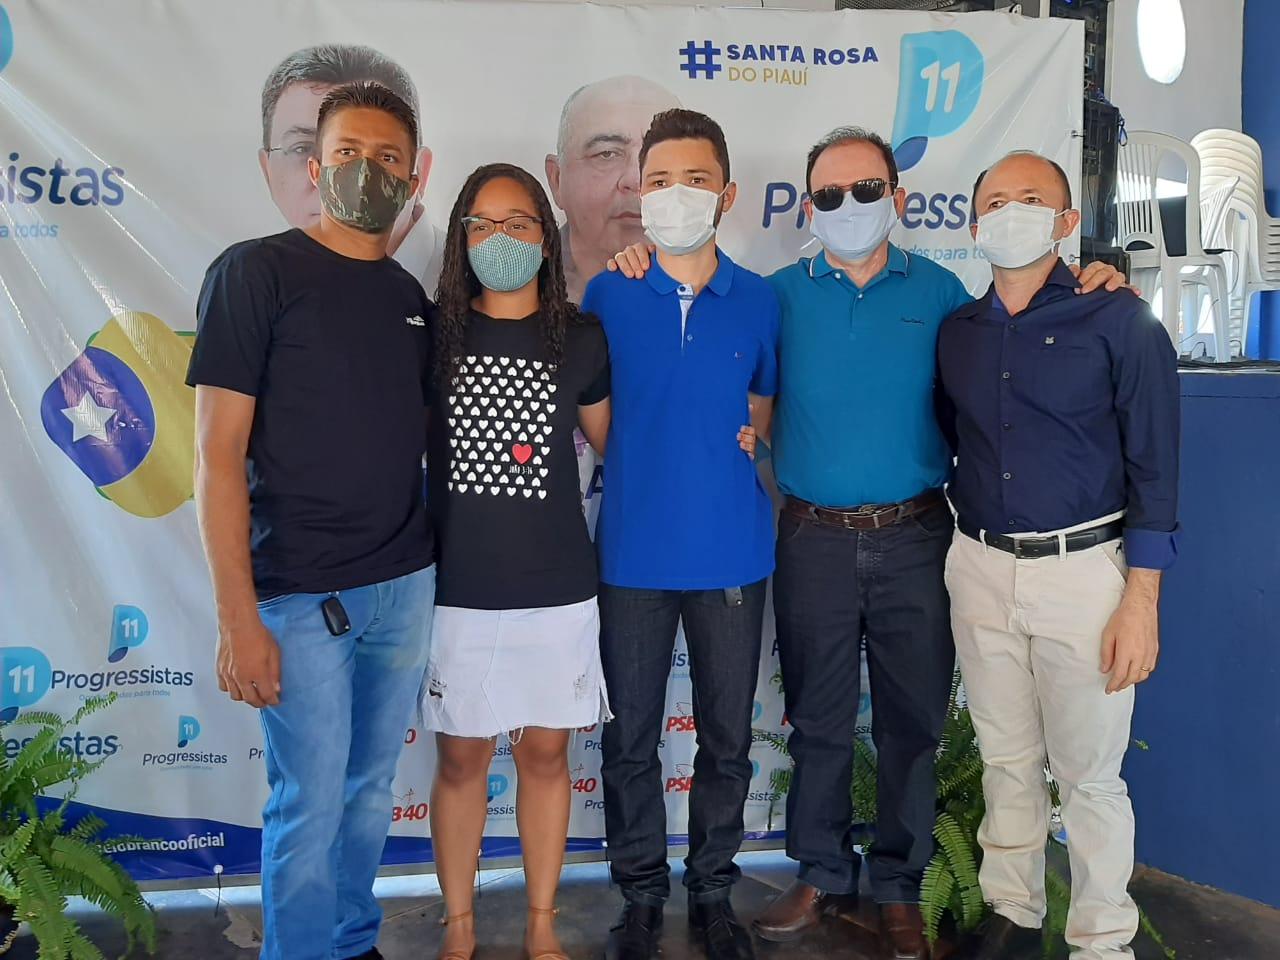 PP realiza convenção e lança Edgar Castelo Branco e Mundô em Santa Rosa-PI 9